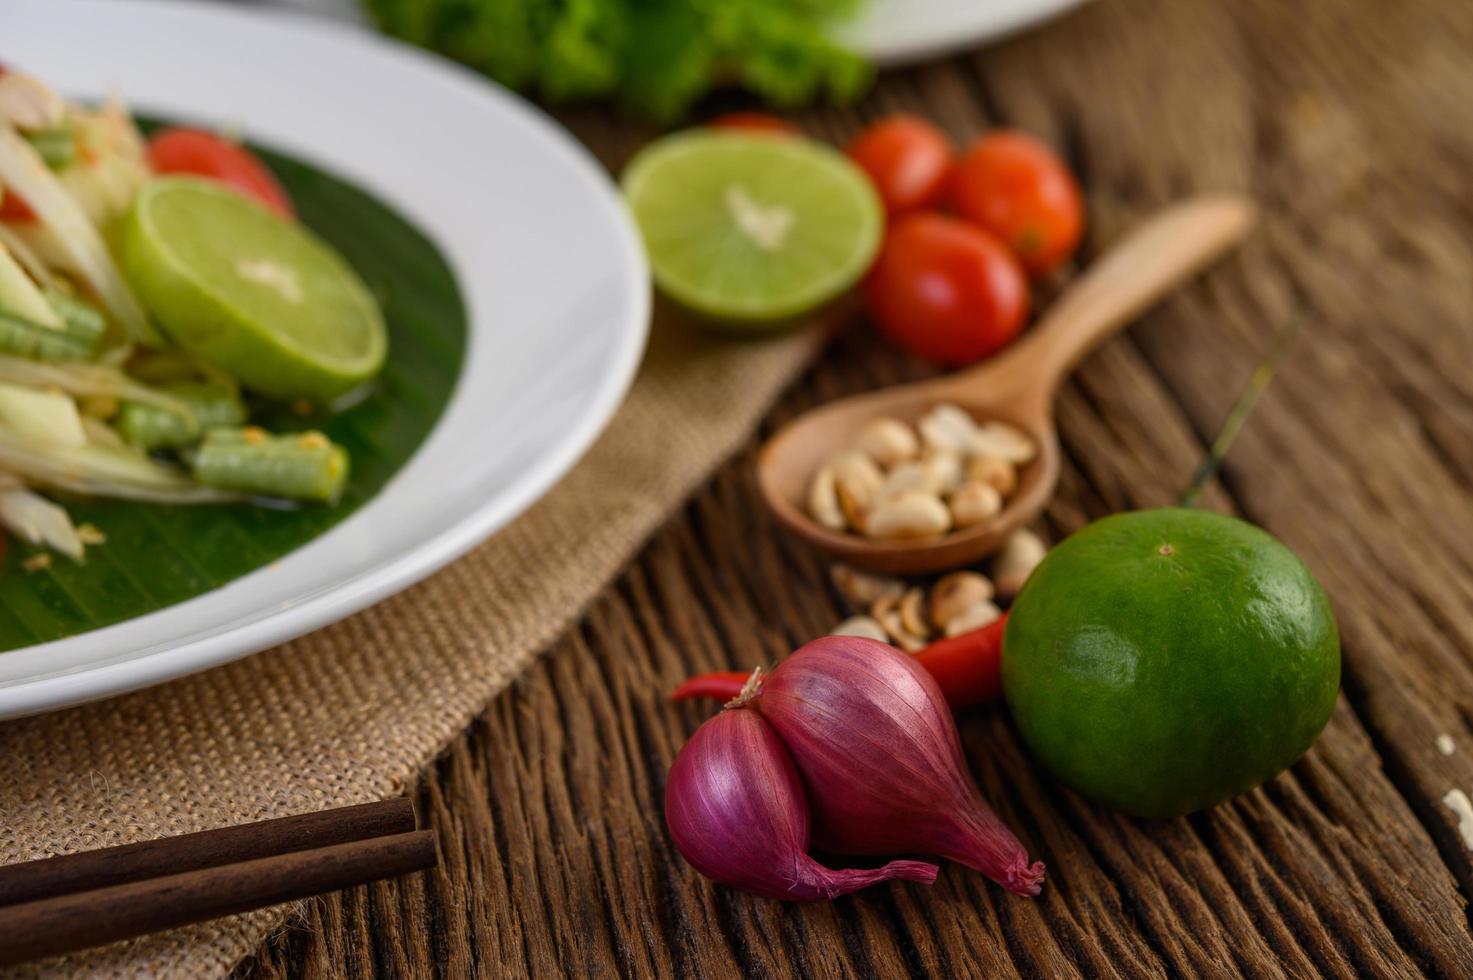 comida picante ao estilo tailandês com alho, limão, amendoim, tomate e chalota foto